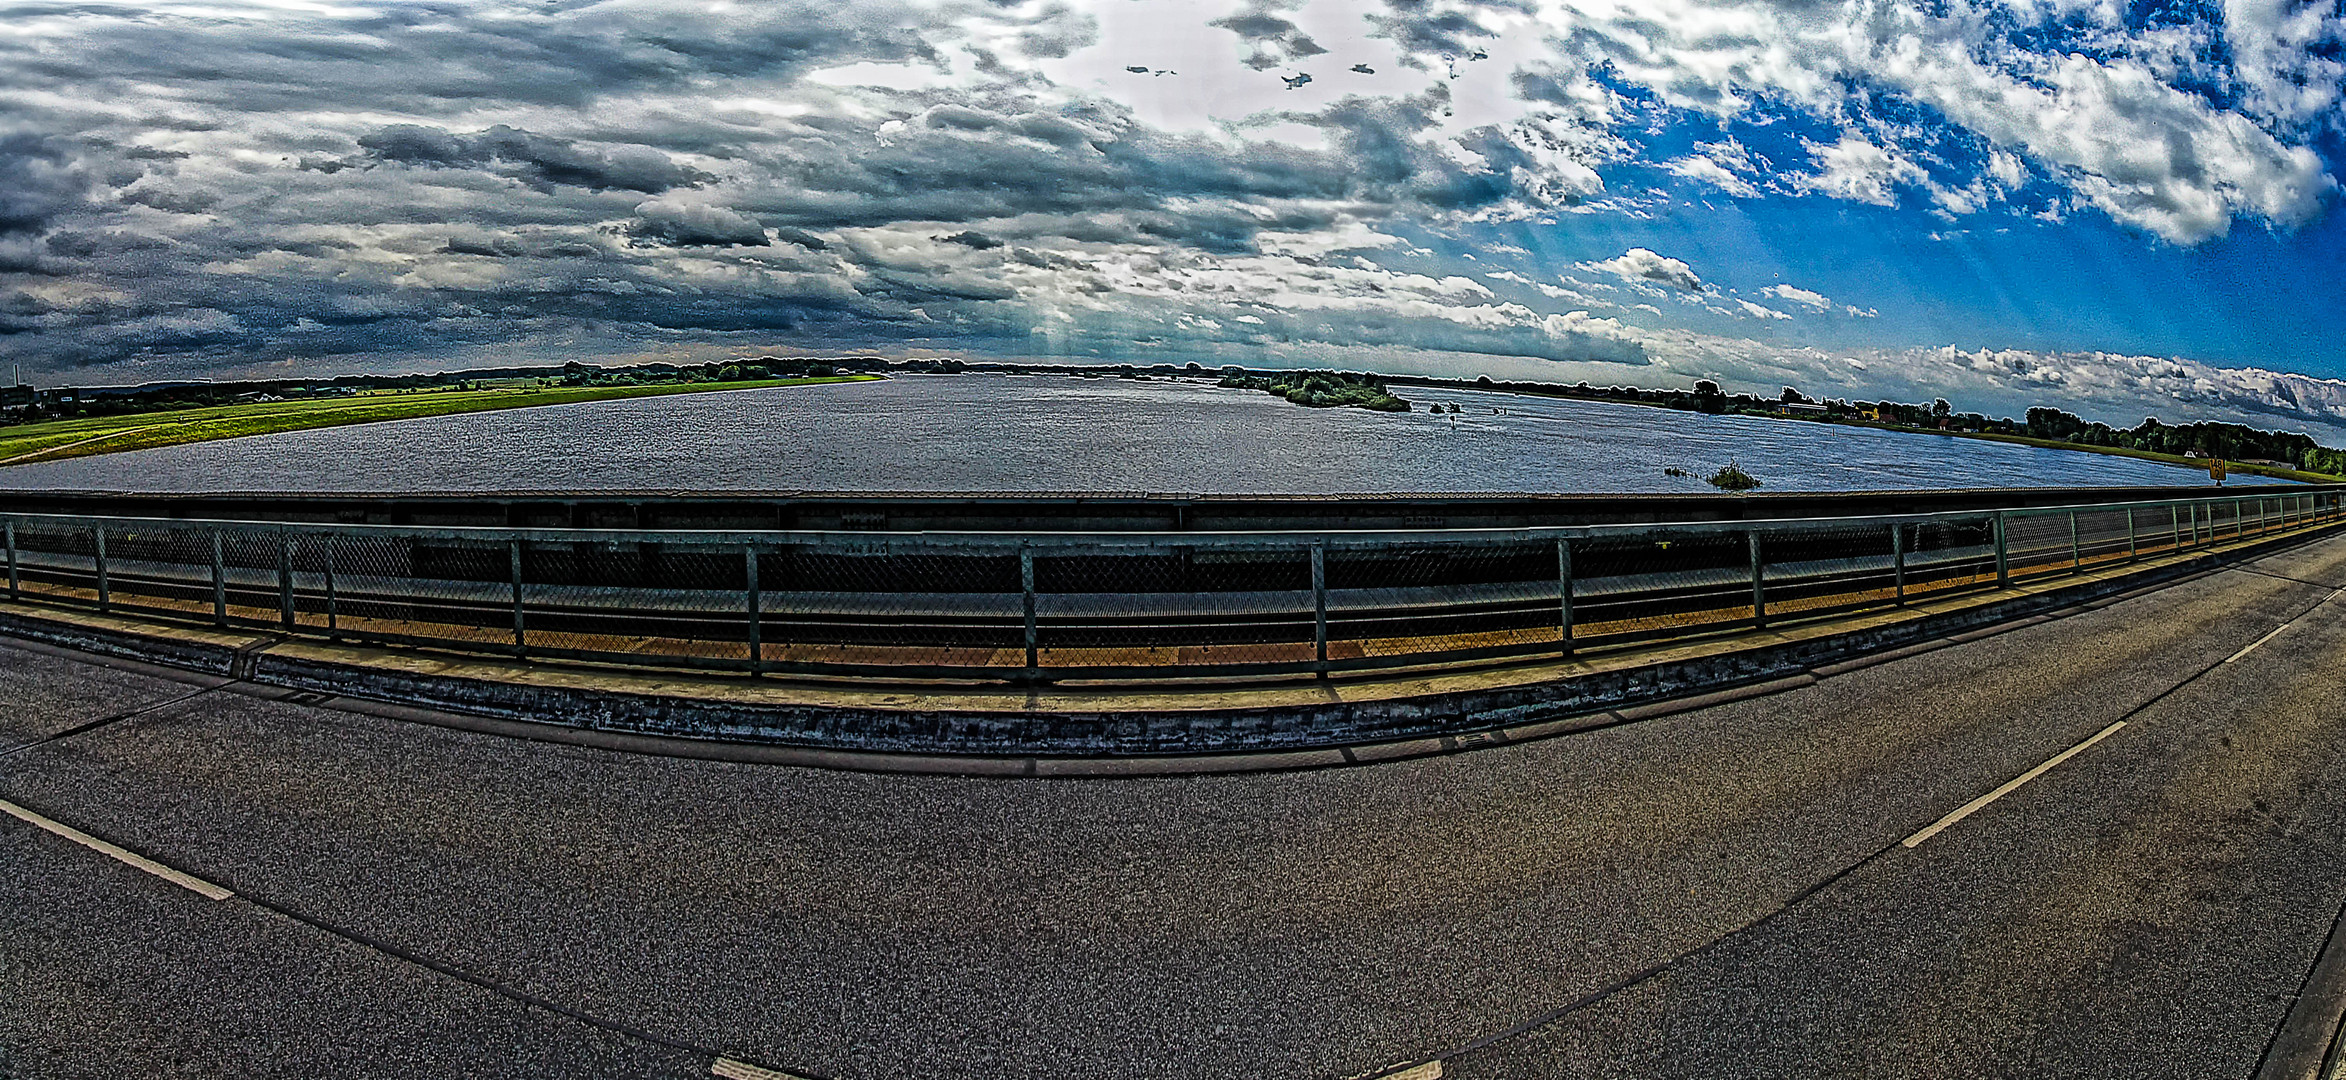 auf der Brücke (B209) Hohnstorf - Lauenburg